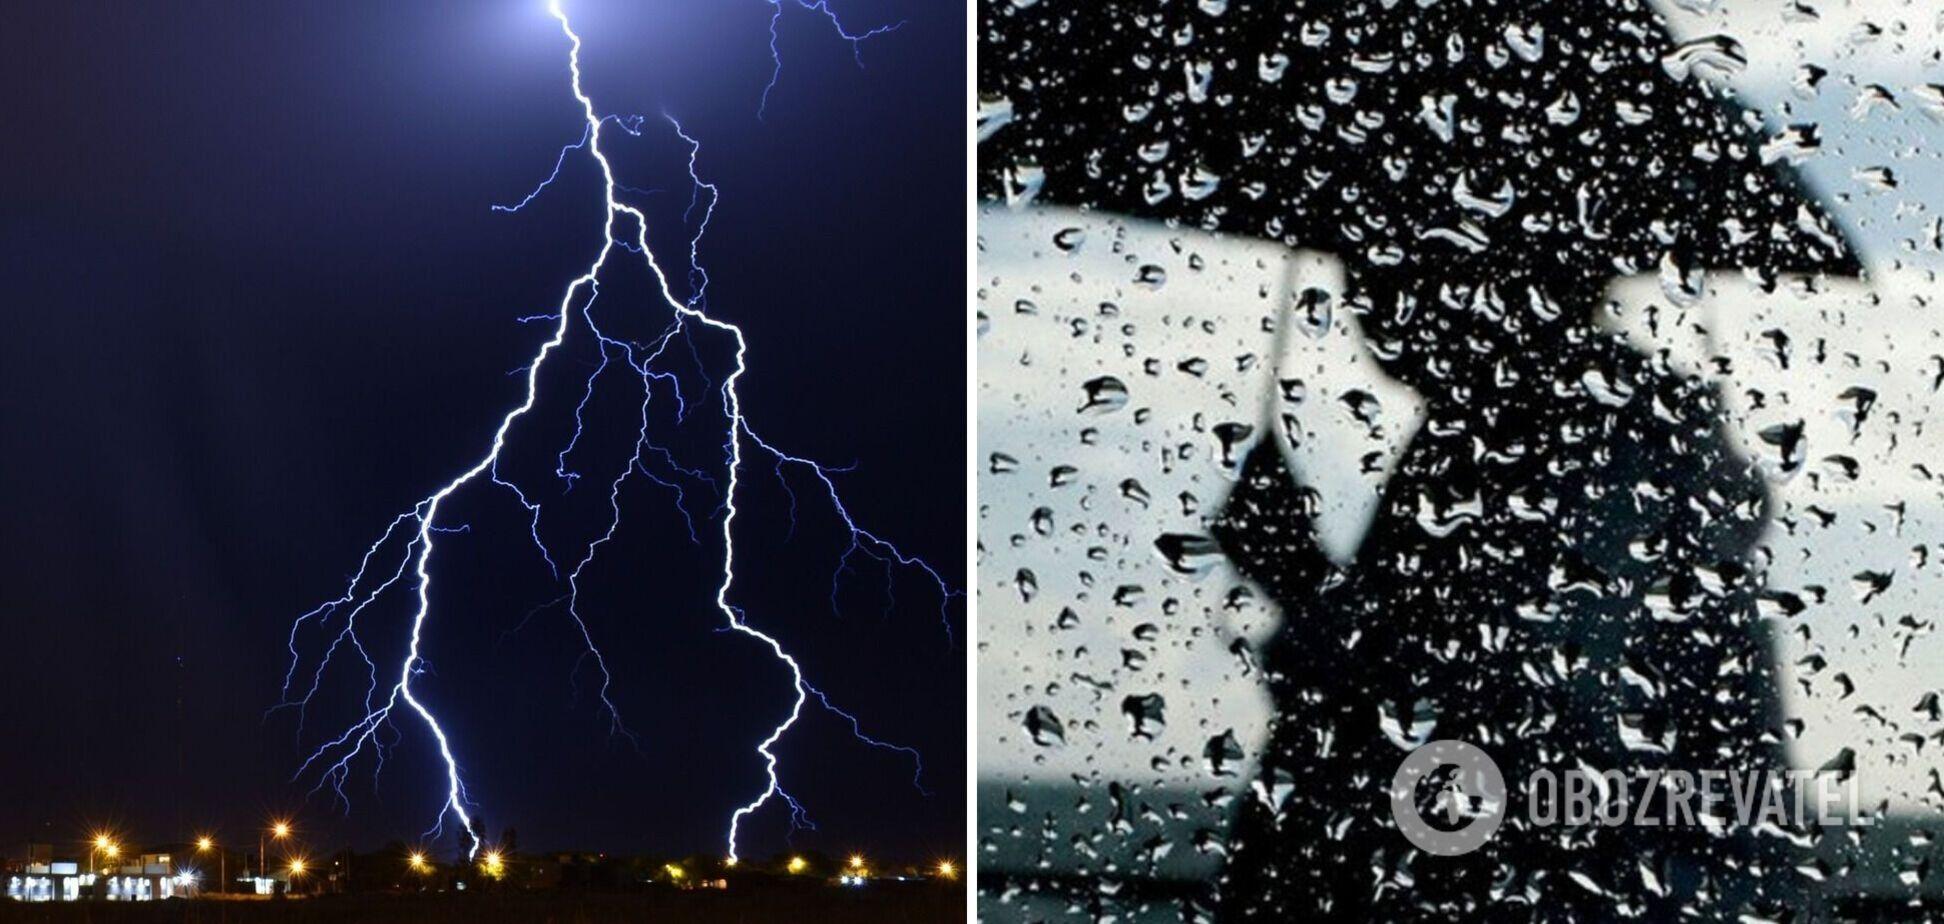 Українців попередили про грози: де в суботу підуть дощі. Карта погоди